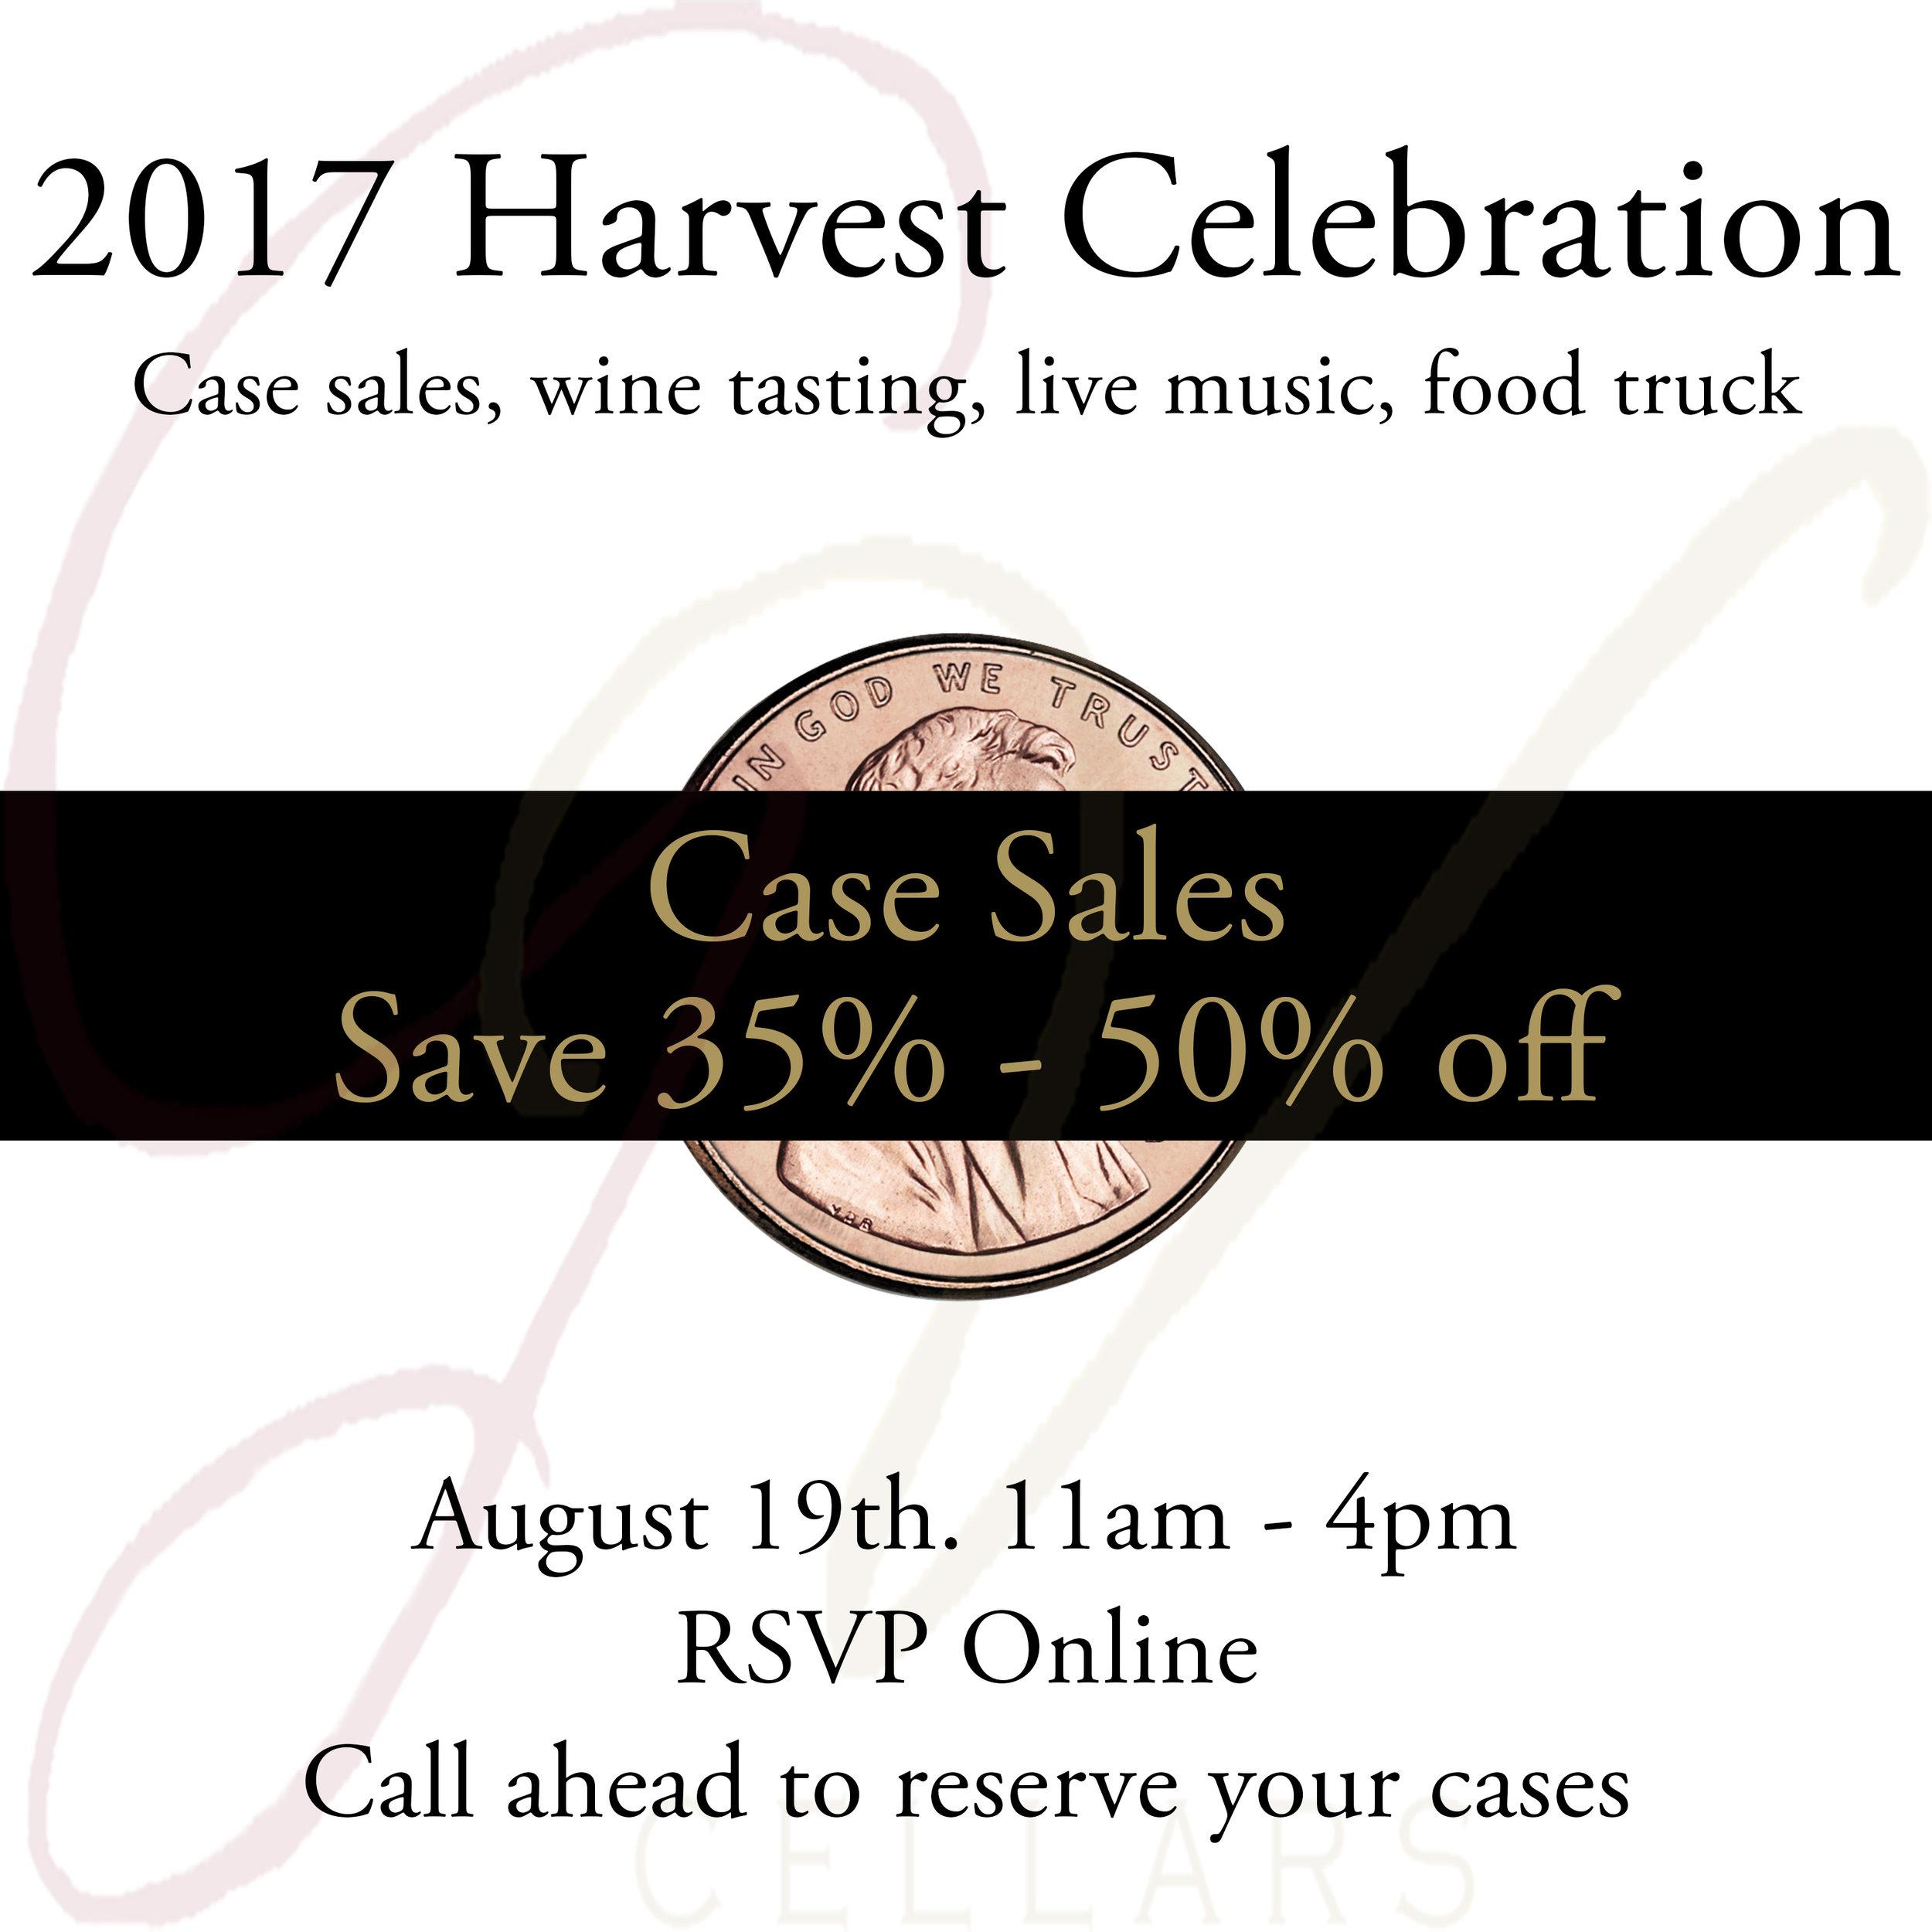 2017 Harvest Celebration Sales Website Promo.jpg